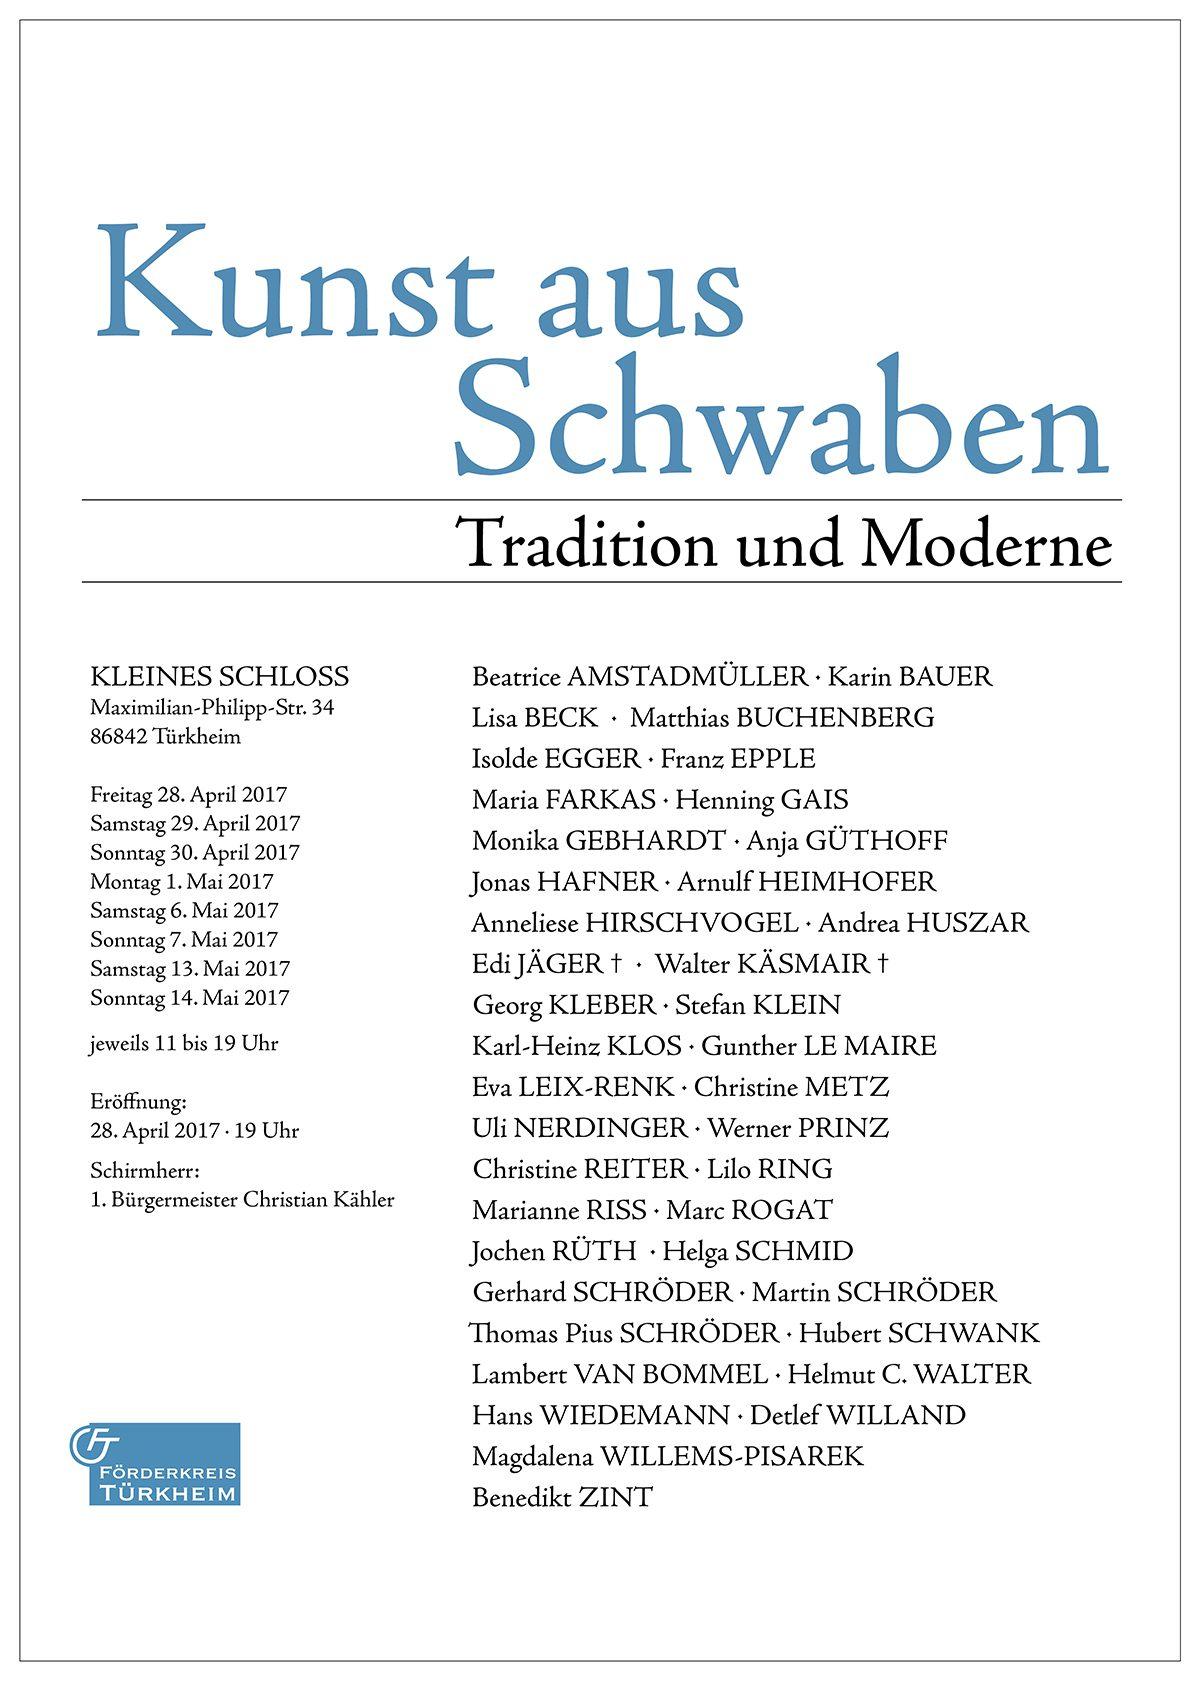 Kunst aus Schwaben – Tradition und Moderne (28. April – 14. Mai 2017)